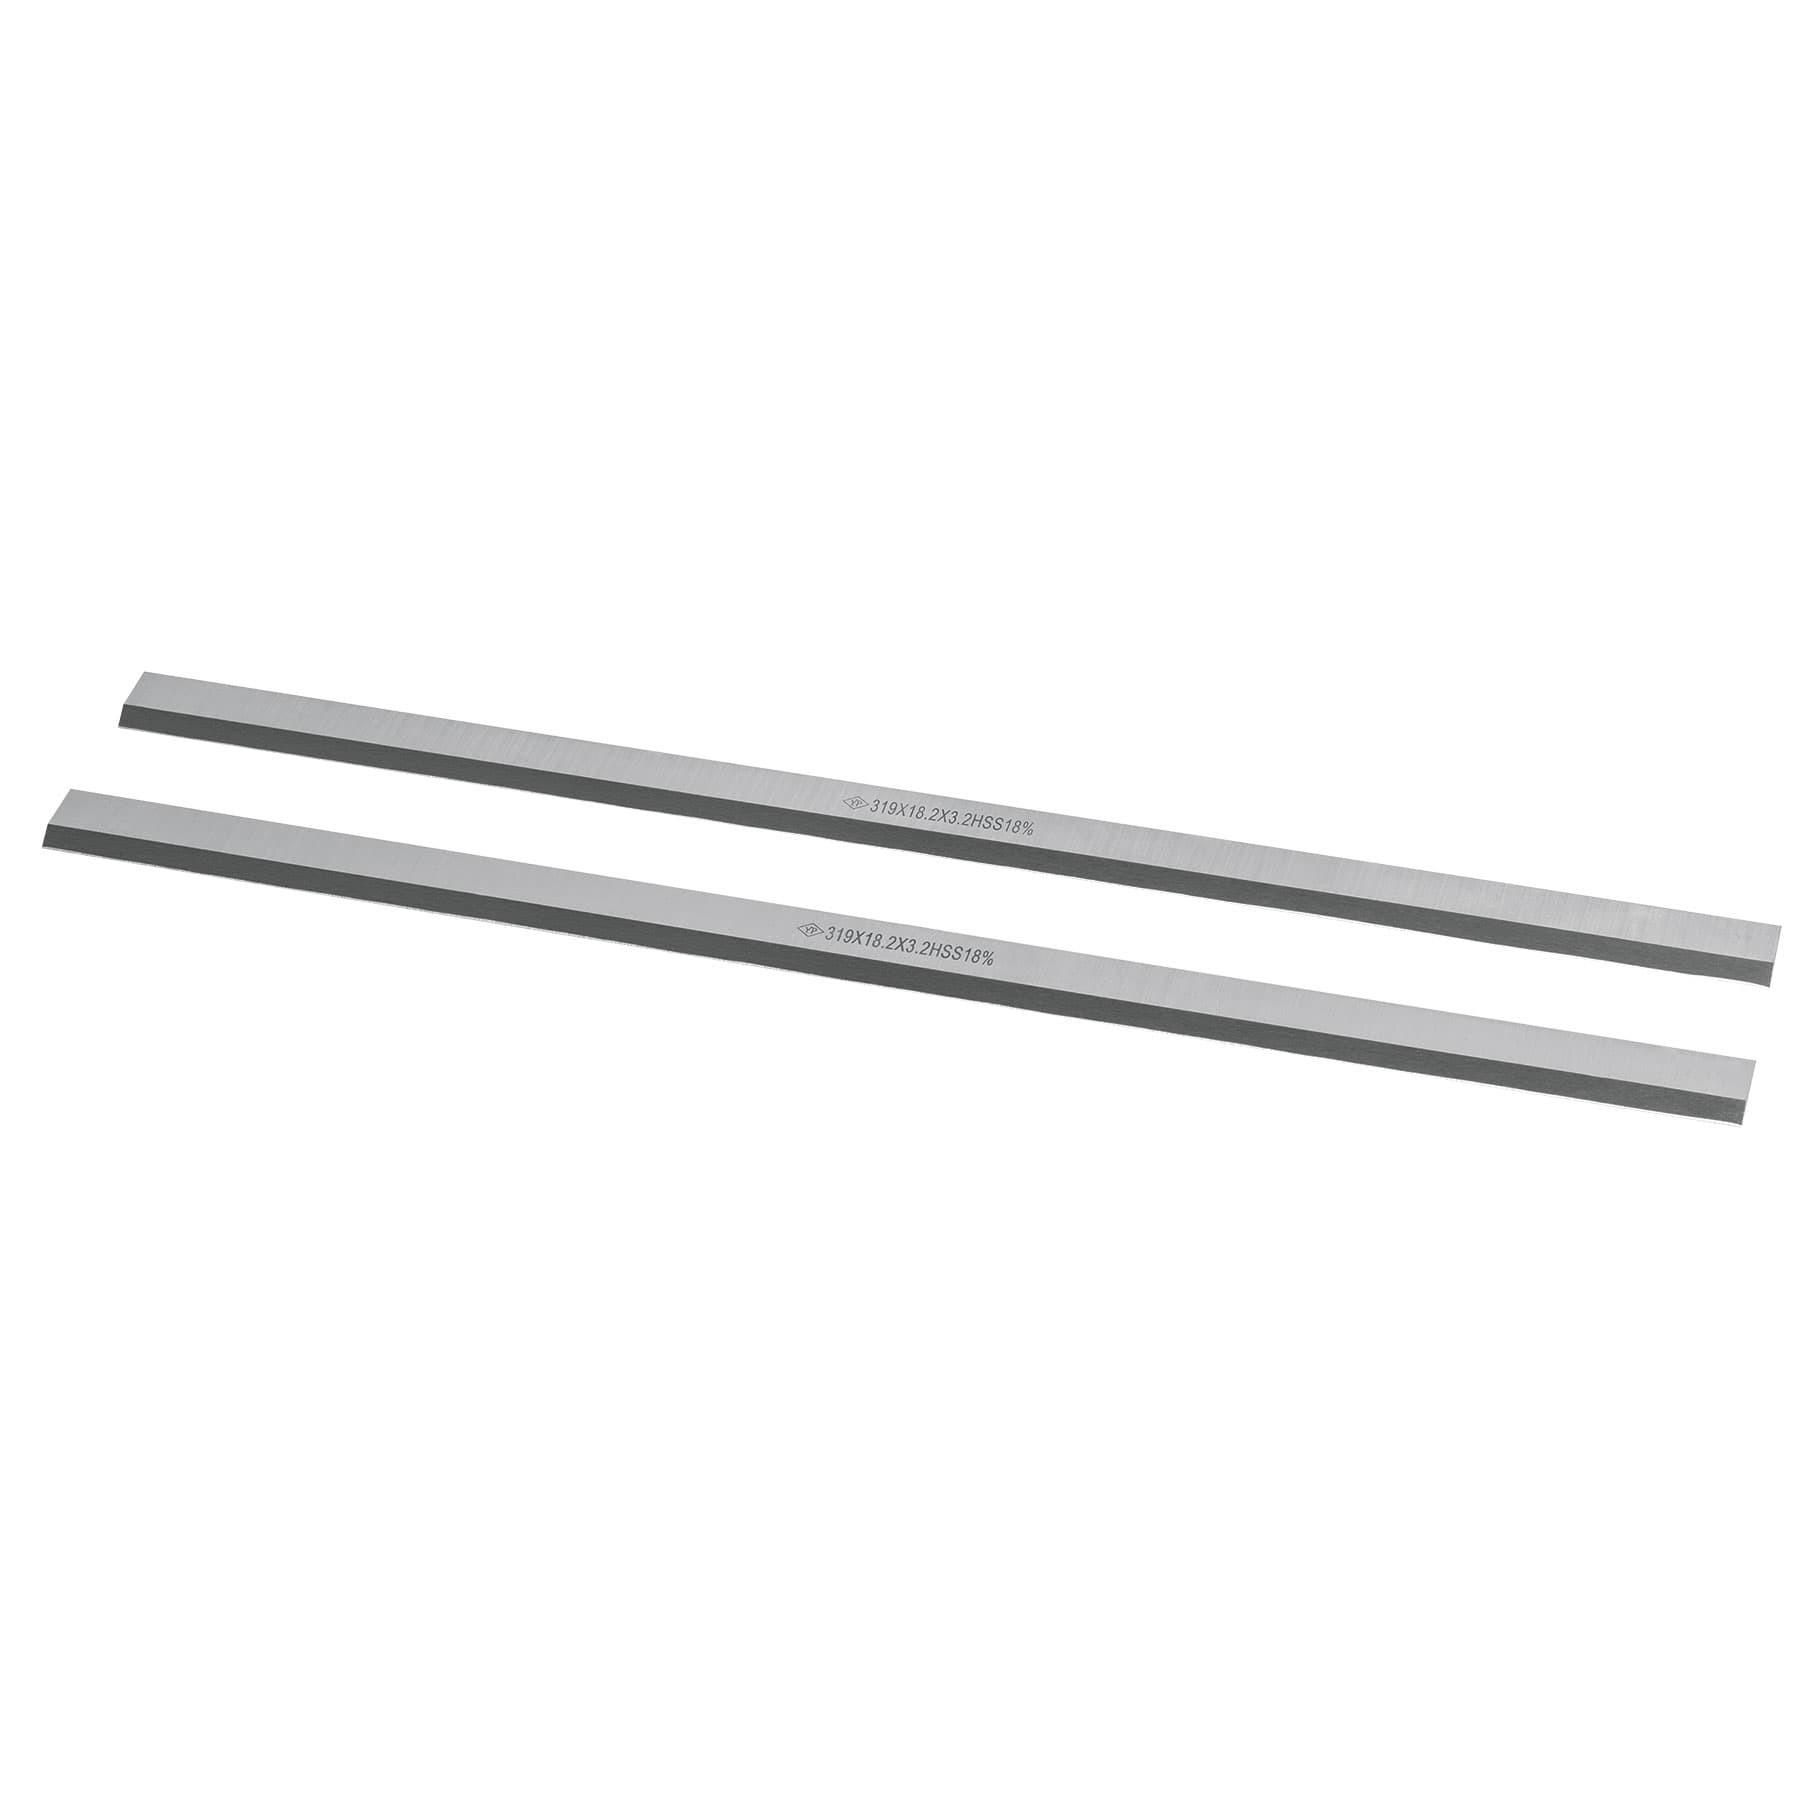 Repuesto de 2 cuchillas para cepillo portátil CEP-12